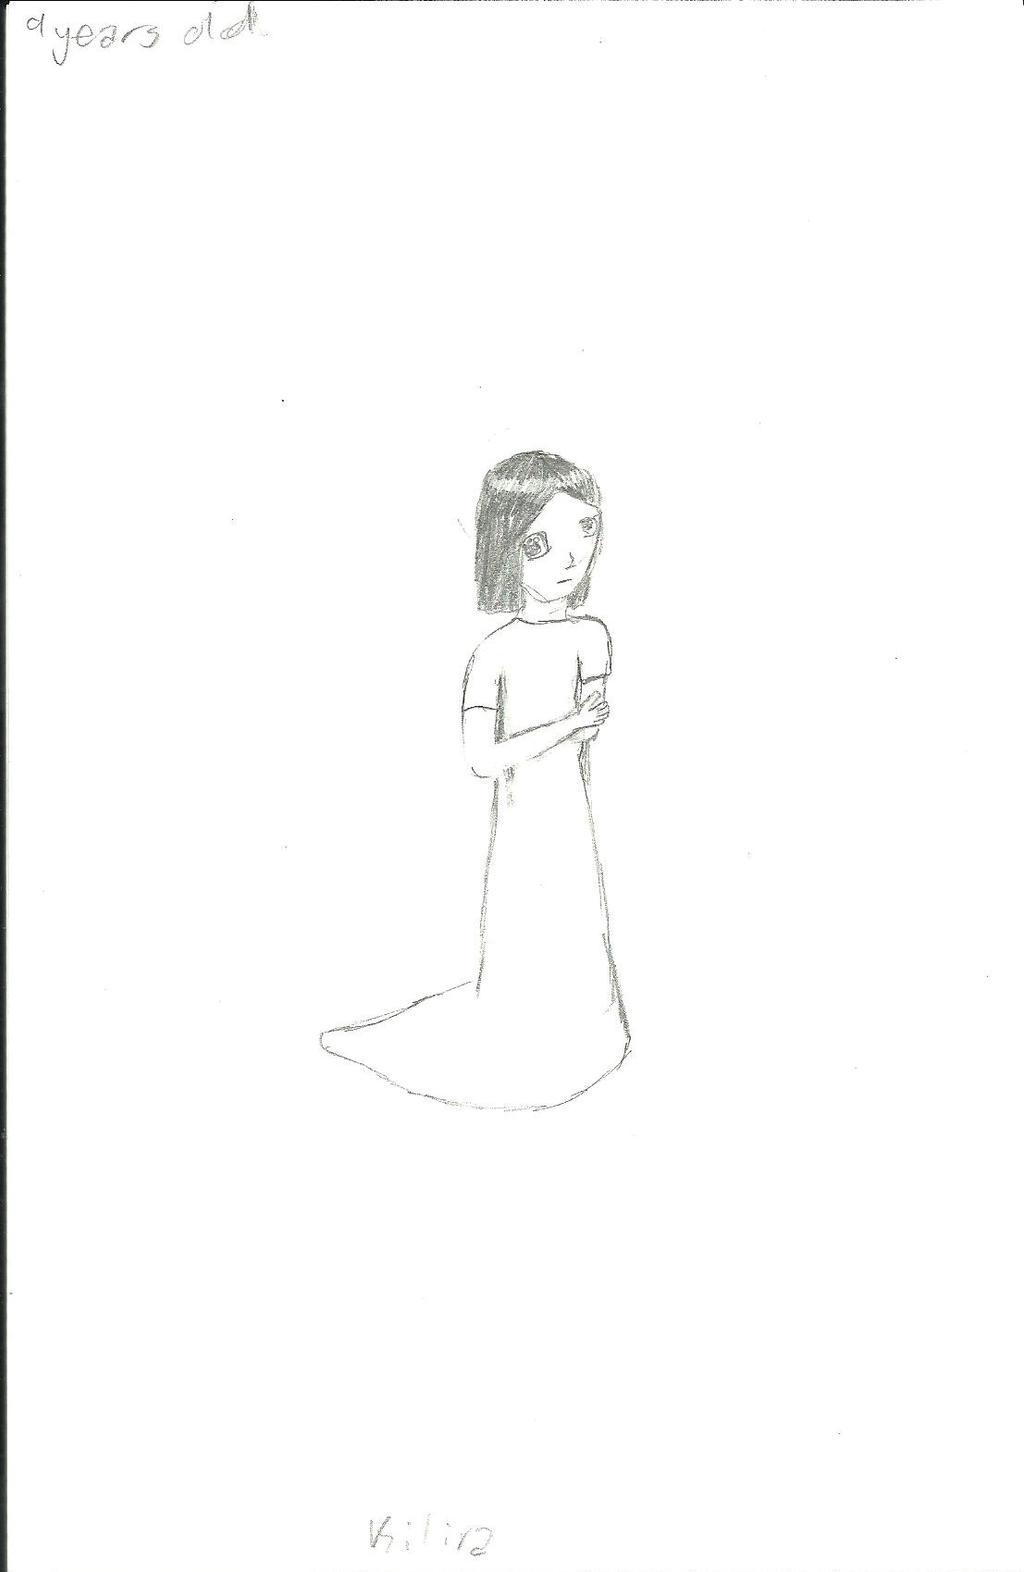 Kilira (9 years old) by Ahtilak